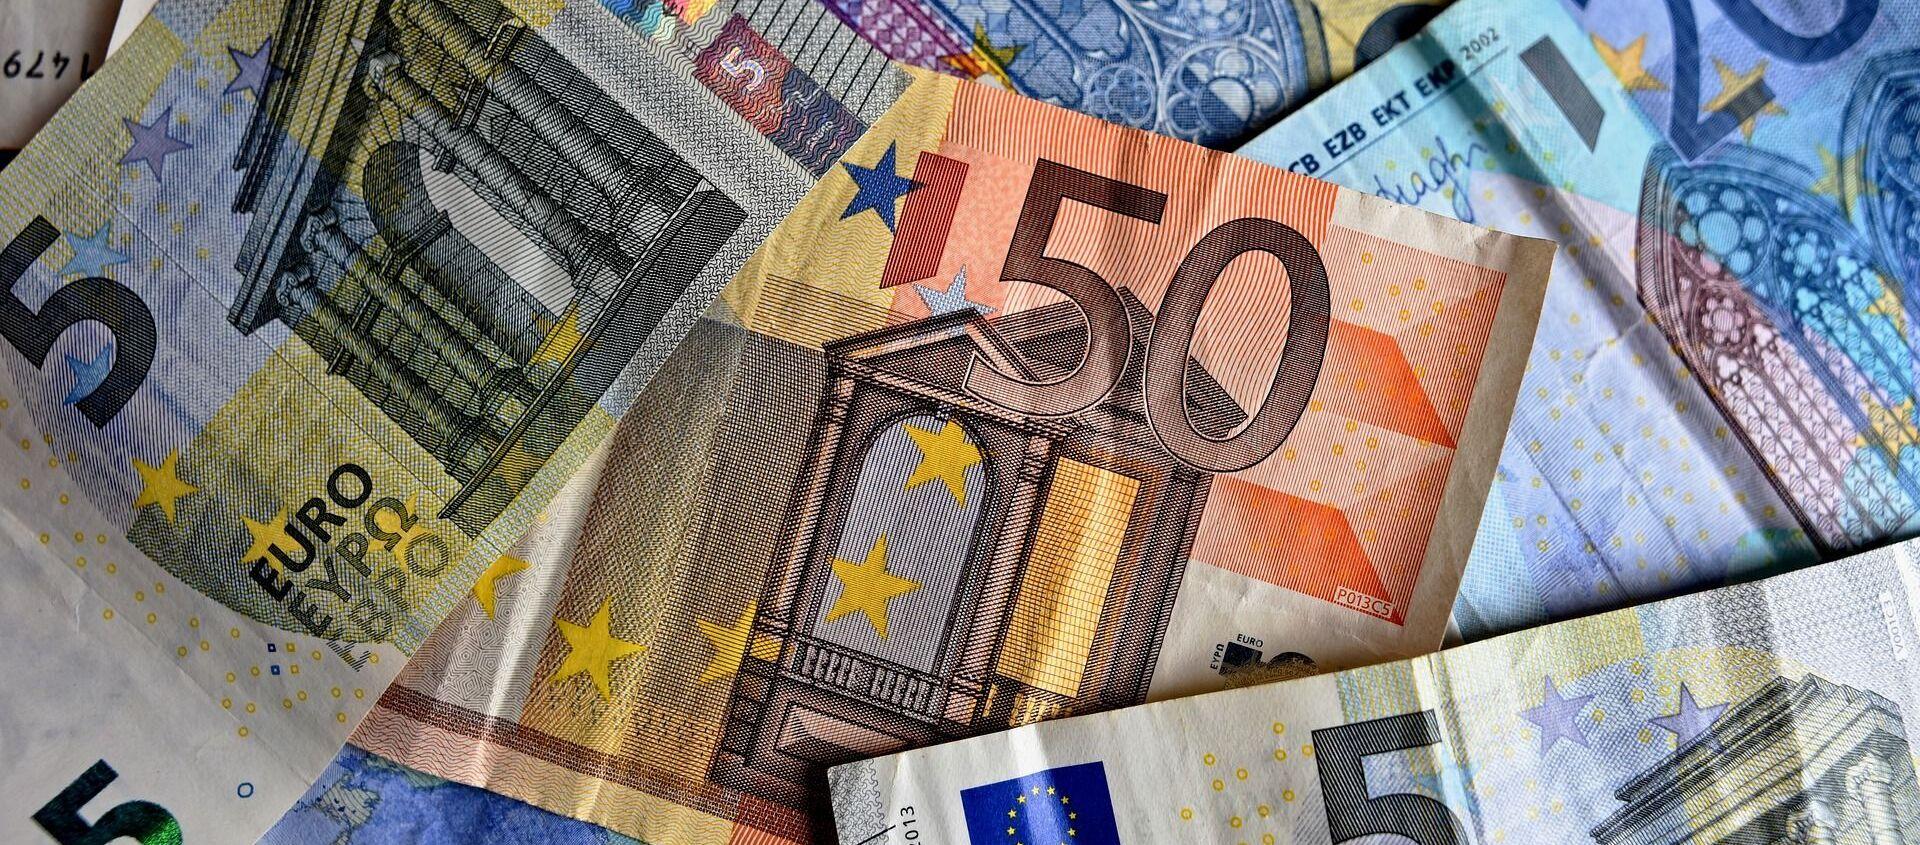 Des euros - Sputnik France, 1920, 22.04.2021